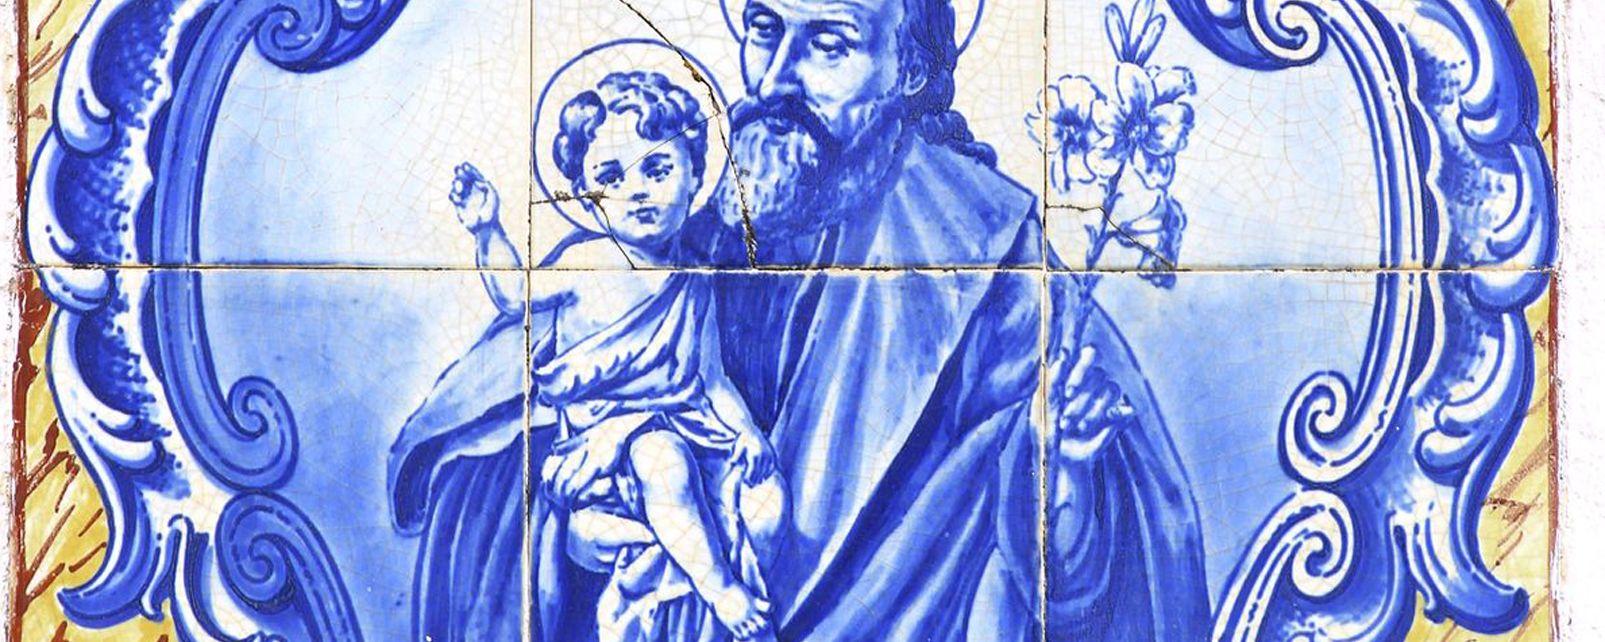 Ispirazione portoghese, Gli azulejos, Le arti e la cultura, Madeira